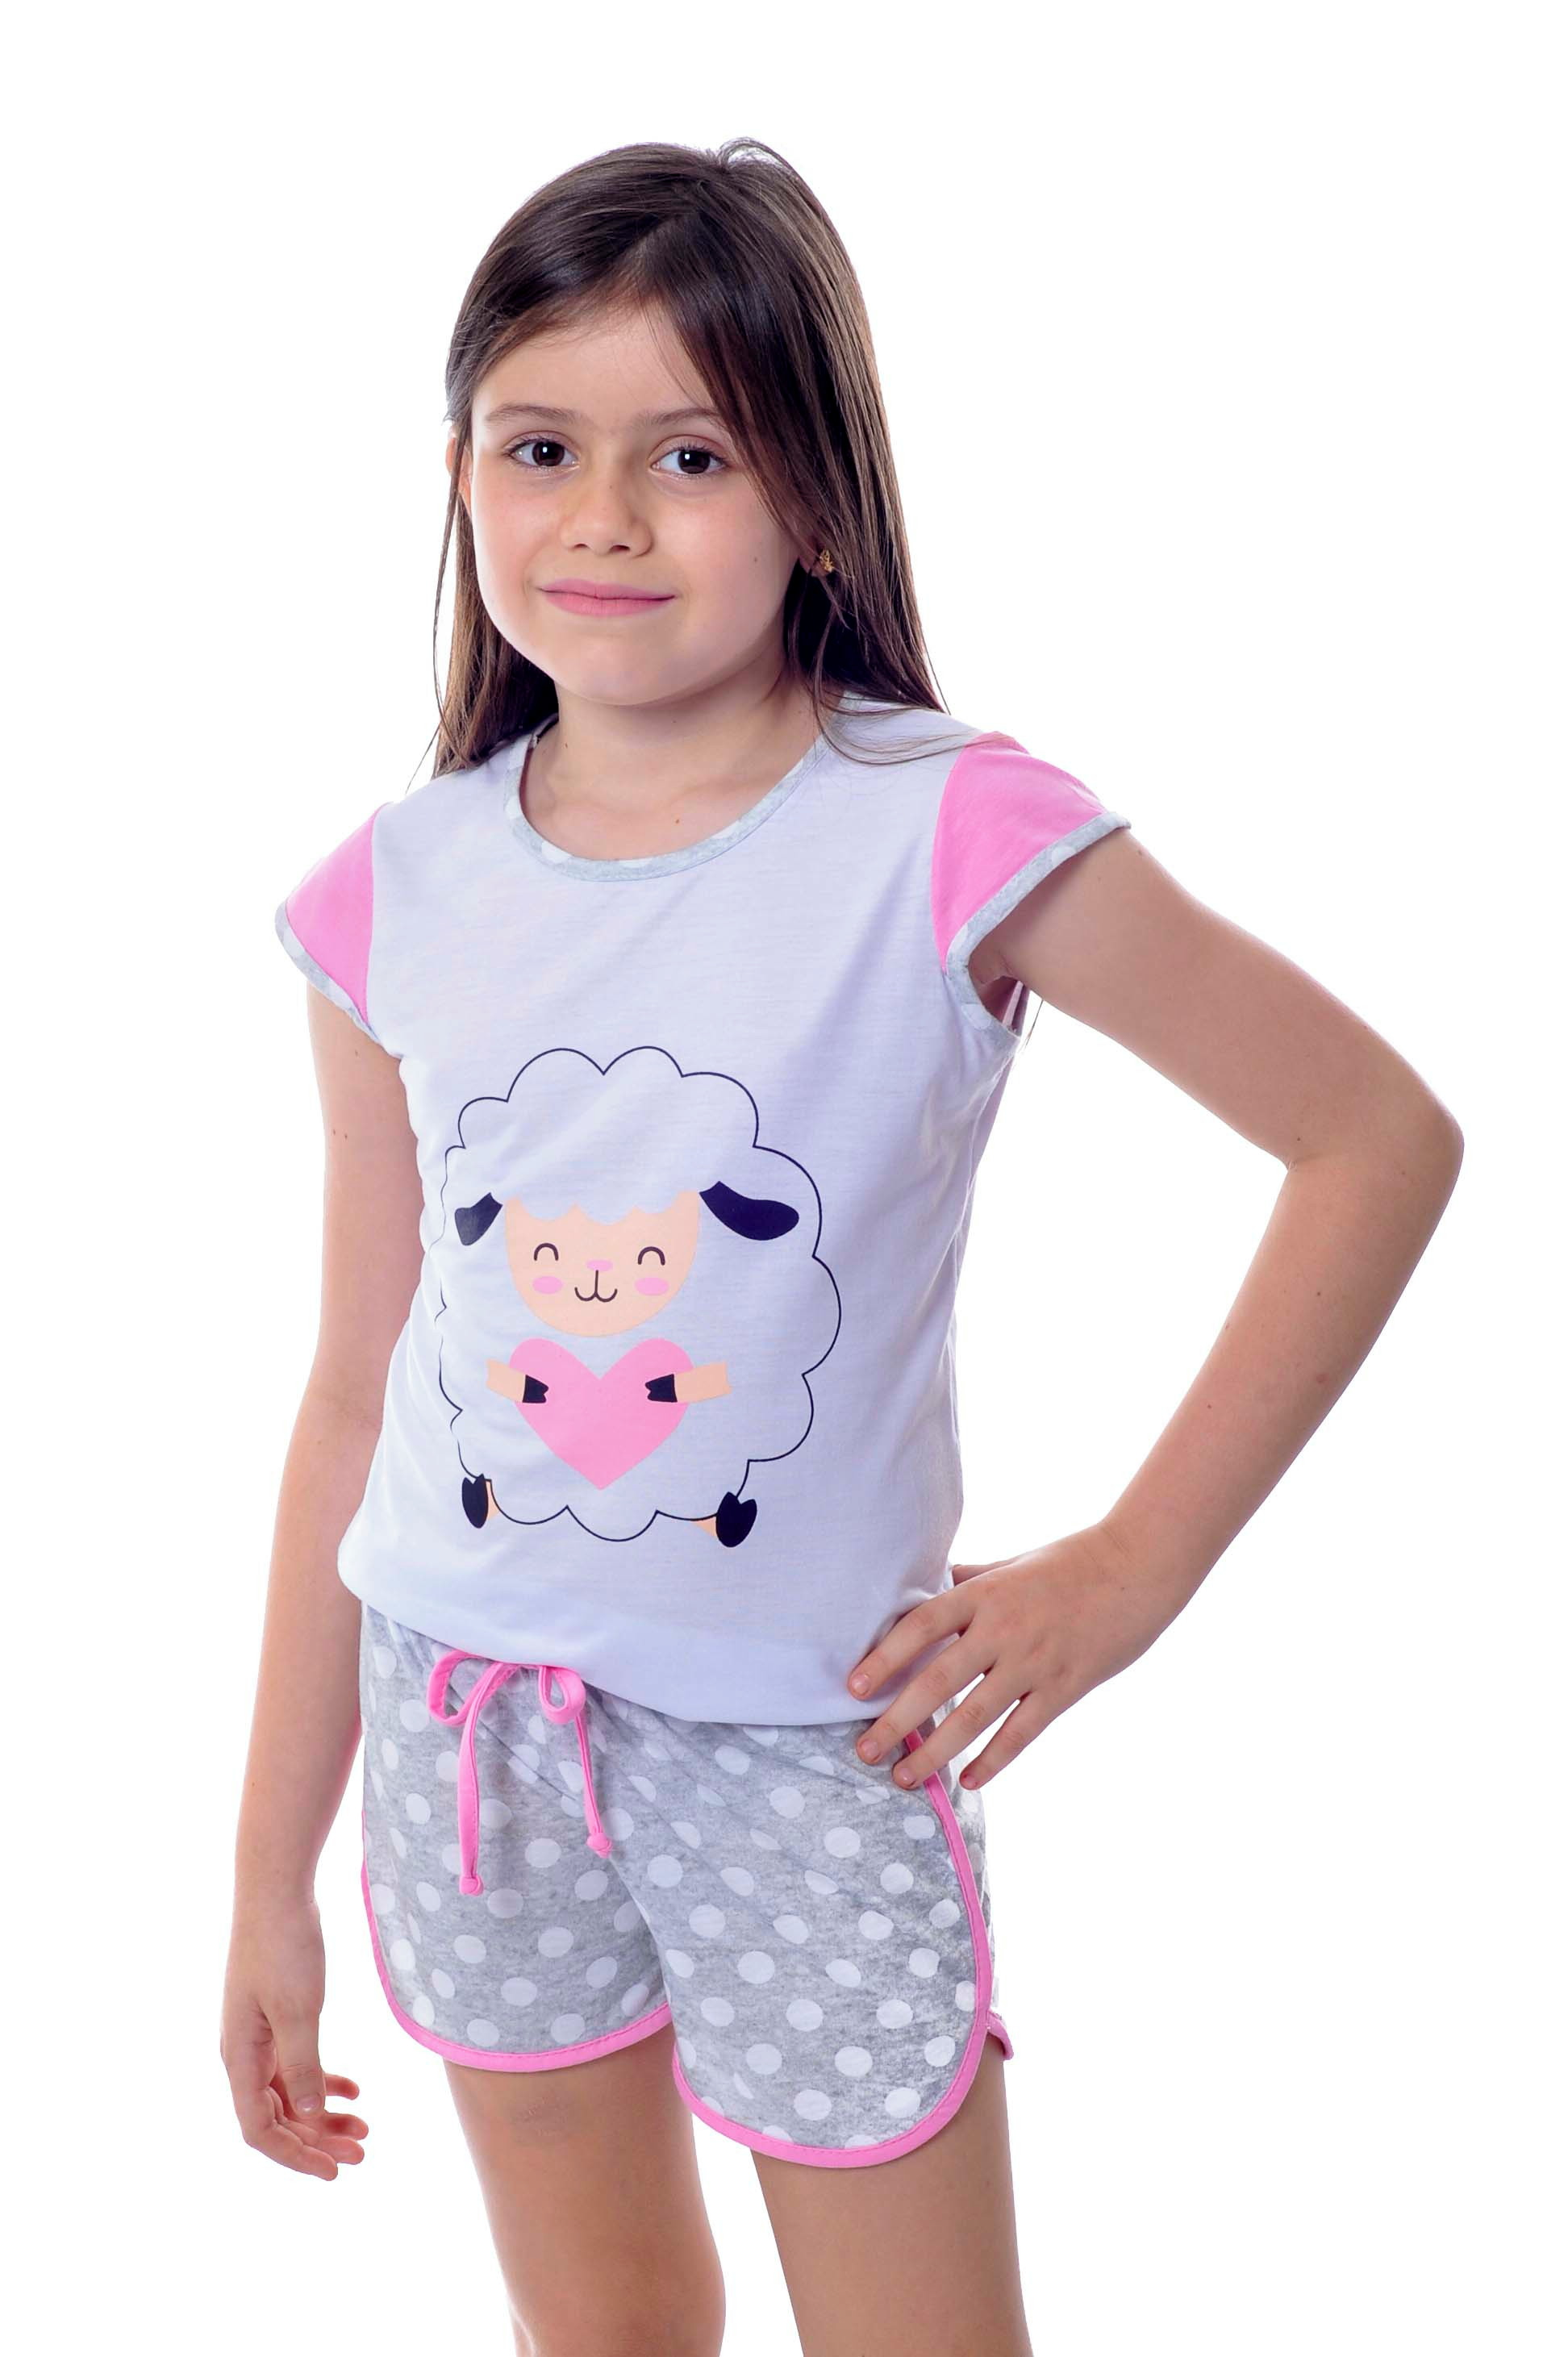 c95852fb6 Pijama Infantil Feminino Curto - Ovelhas no Elo7